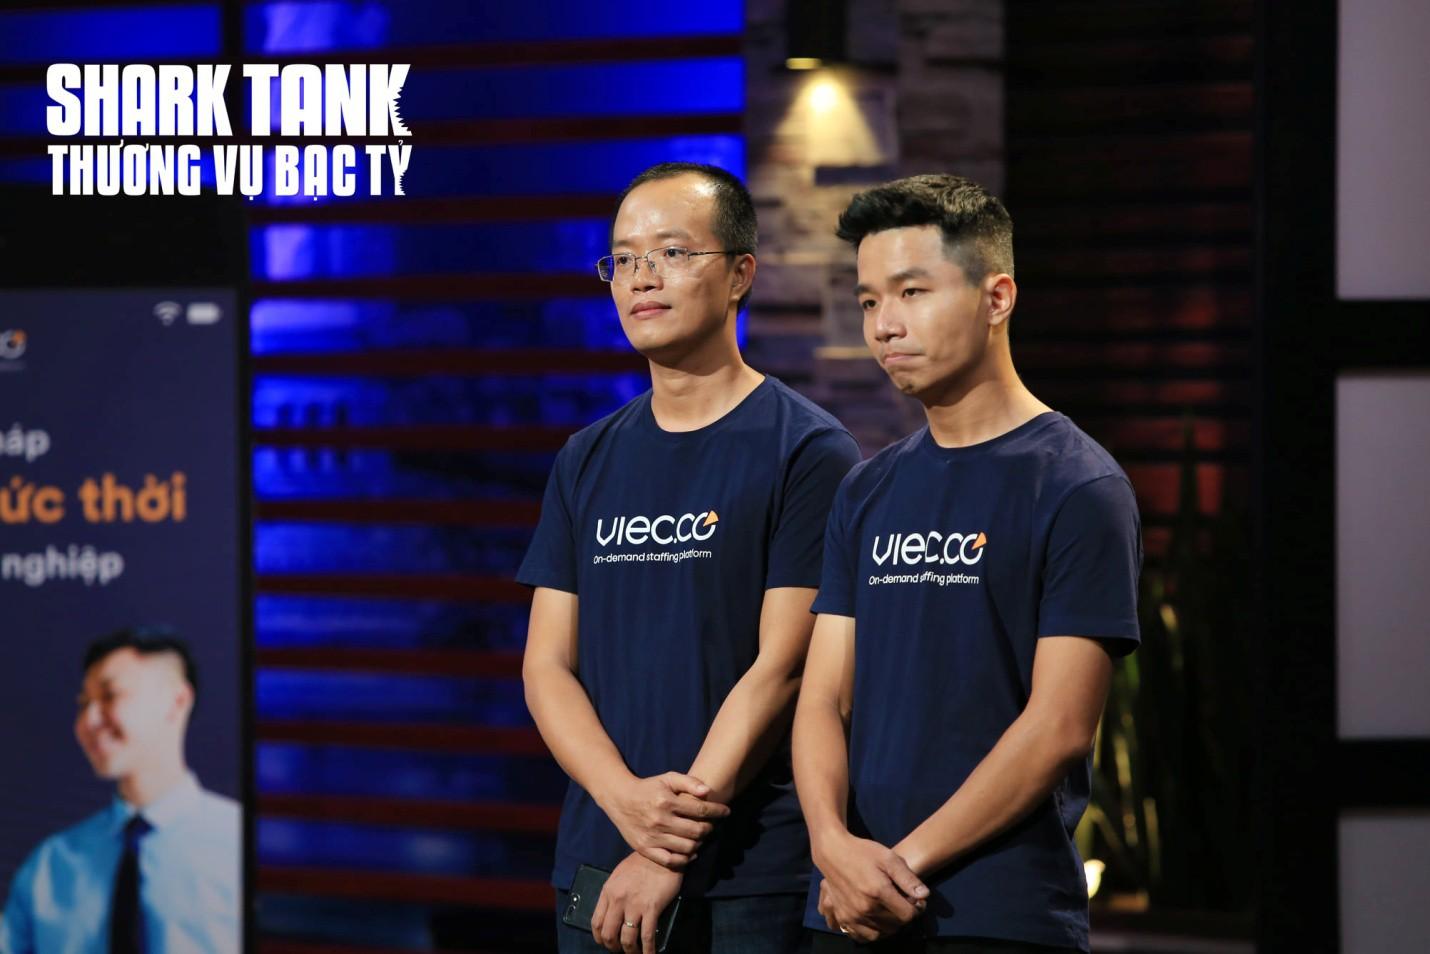 Dàn 'cá mập' tranh giành đầu tư vào công ty nhân sự trên Shark Tank Việt Nam - Ảnh 1.